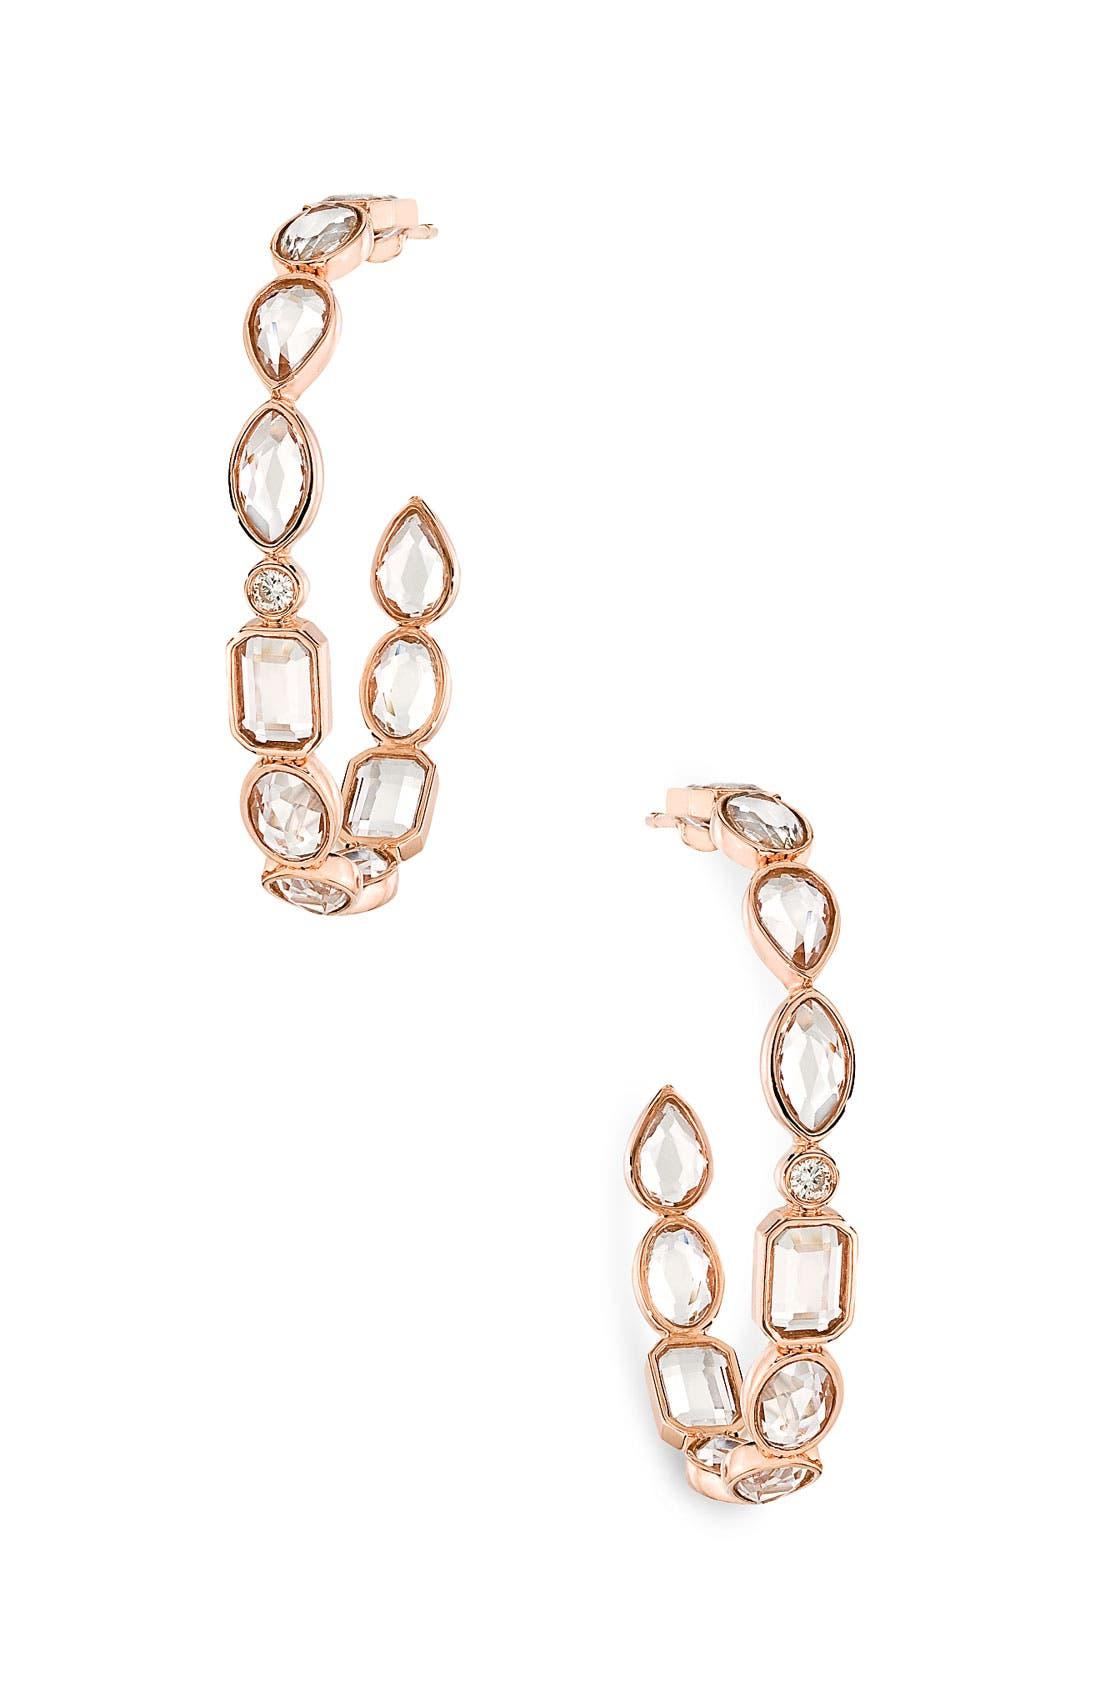 Main Image - Ivanka Trump 'Mixed Cut' Small Rock Crystal & Diamond Hoop Earrings